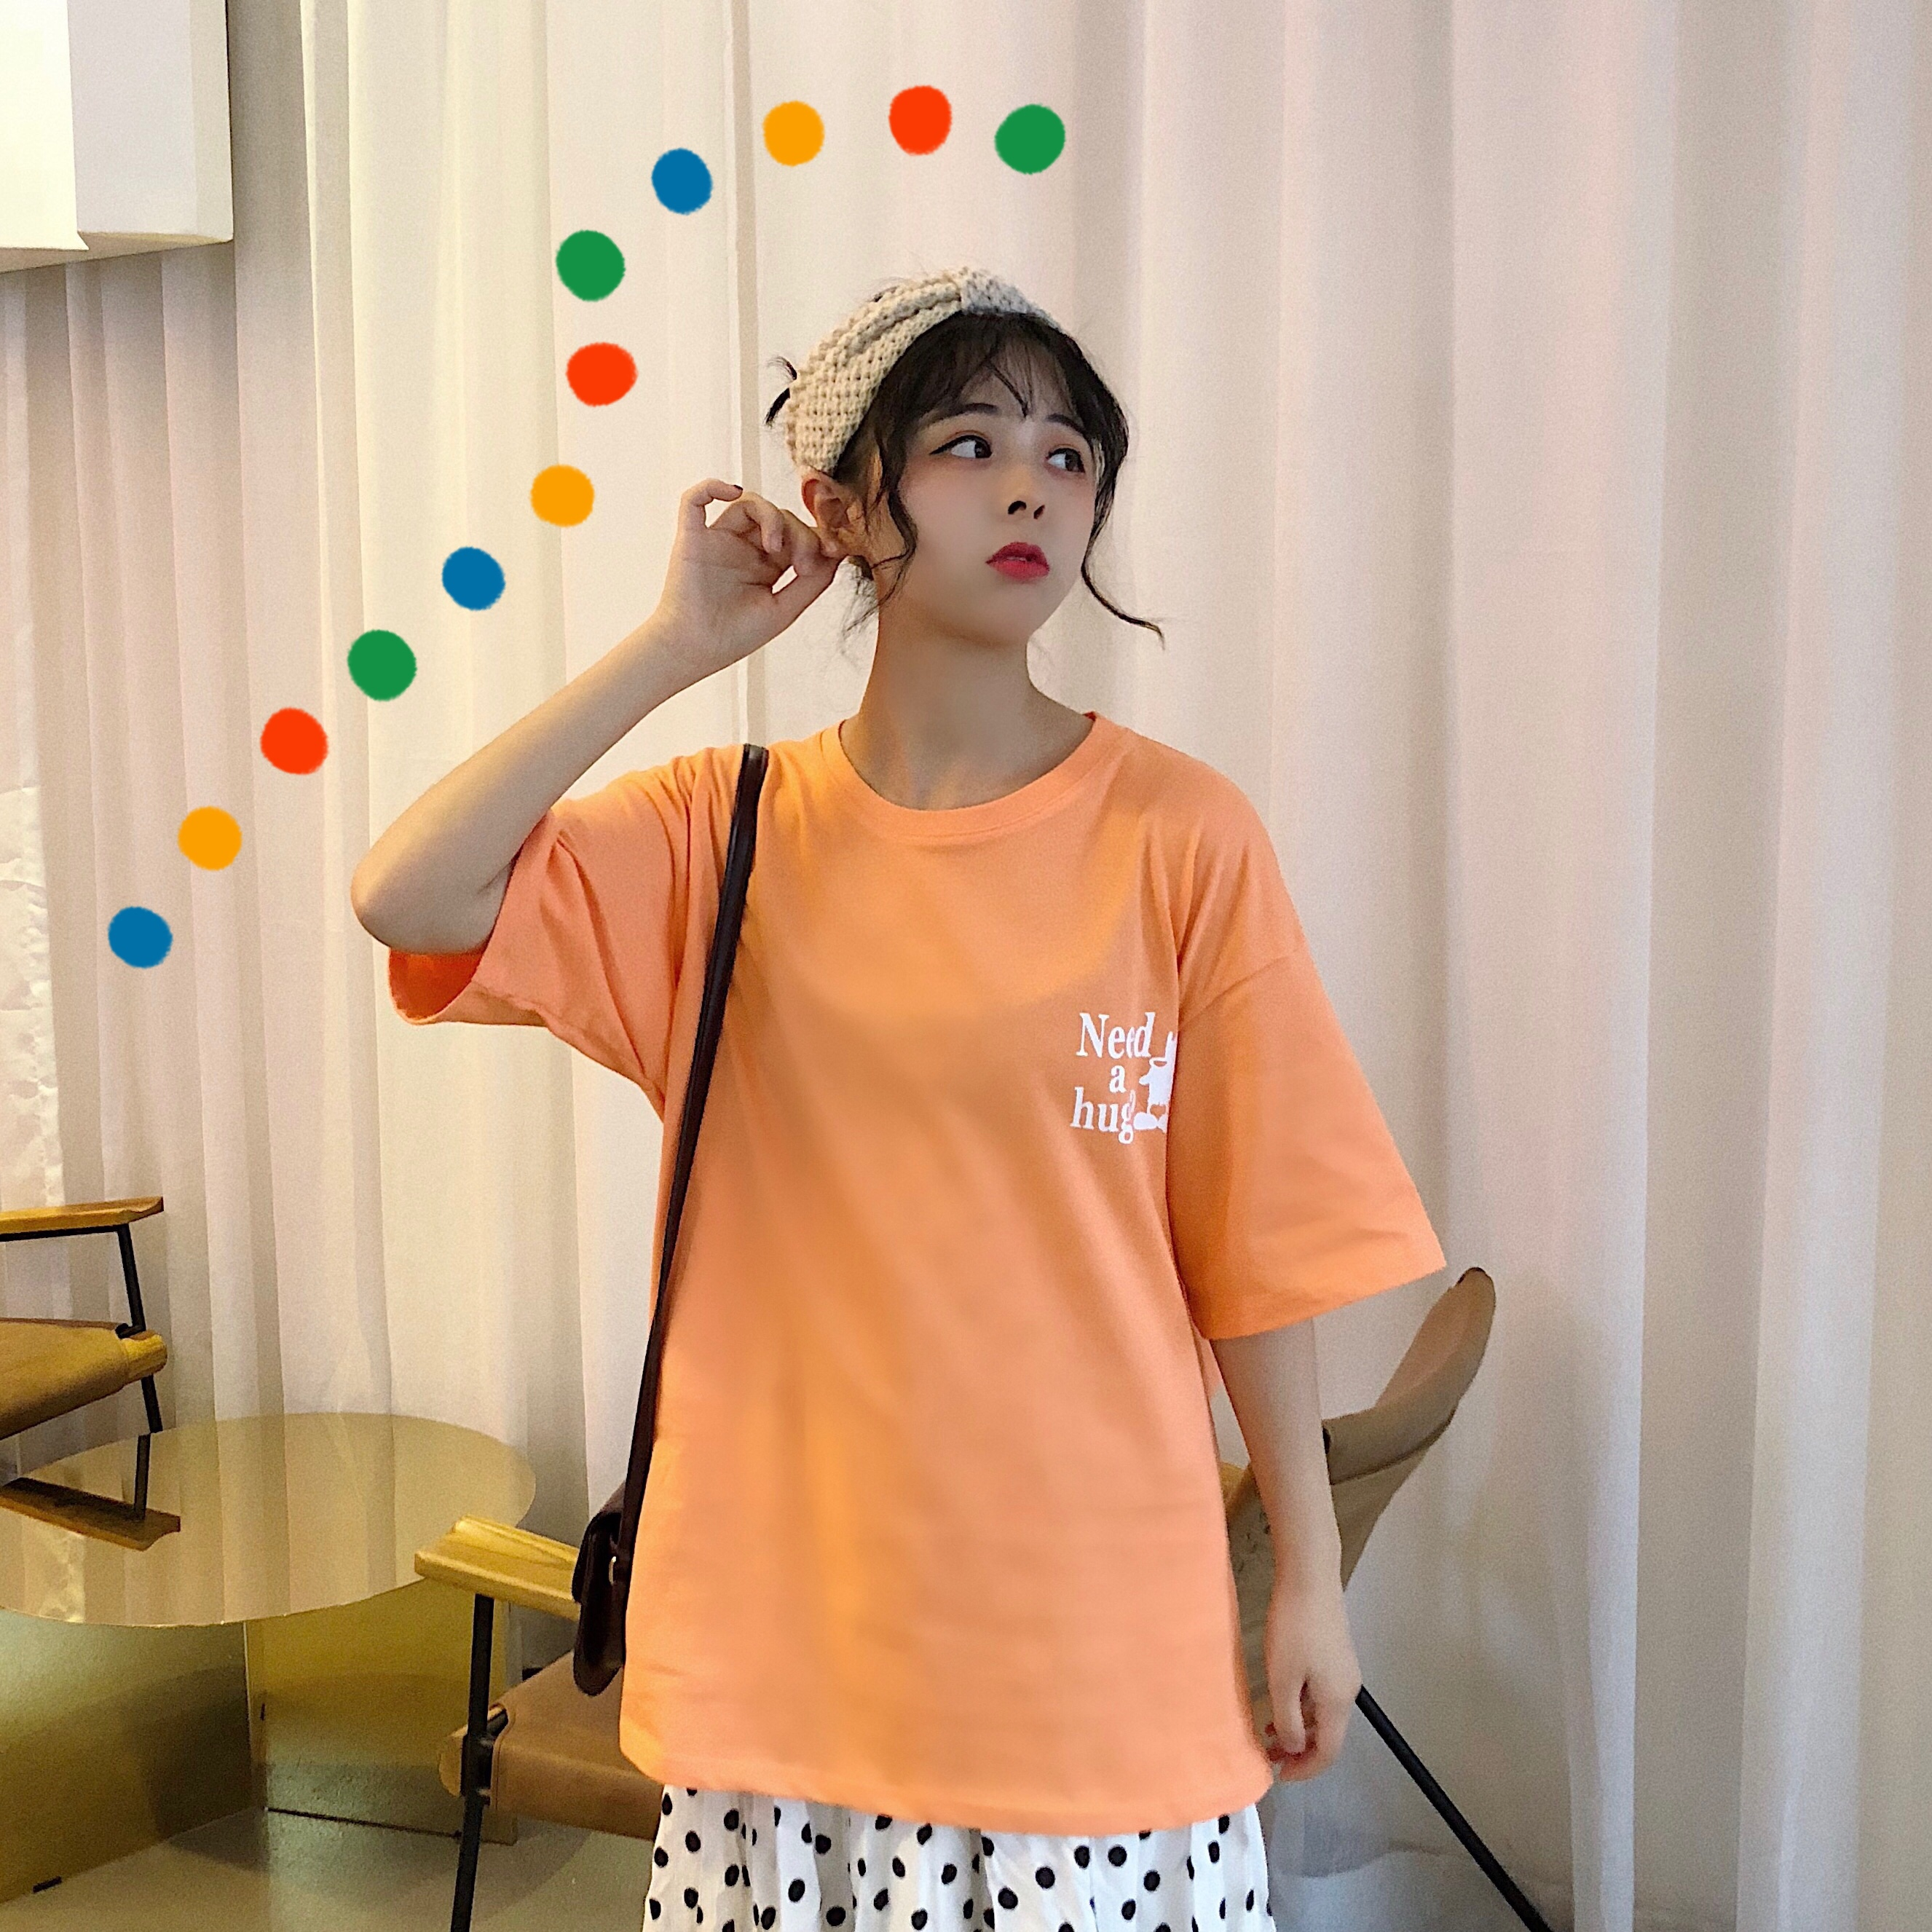 實拍2019新款T恤純棉寬松夏季圓領印花短袖女ins潮網紅半袖上衣